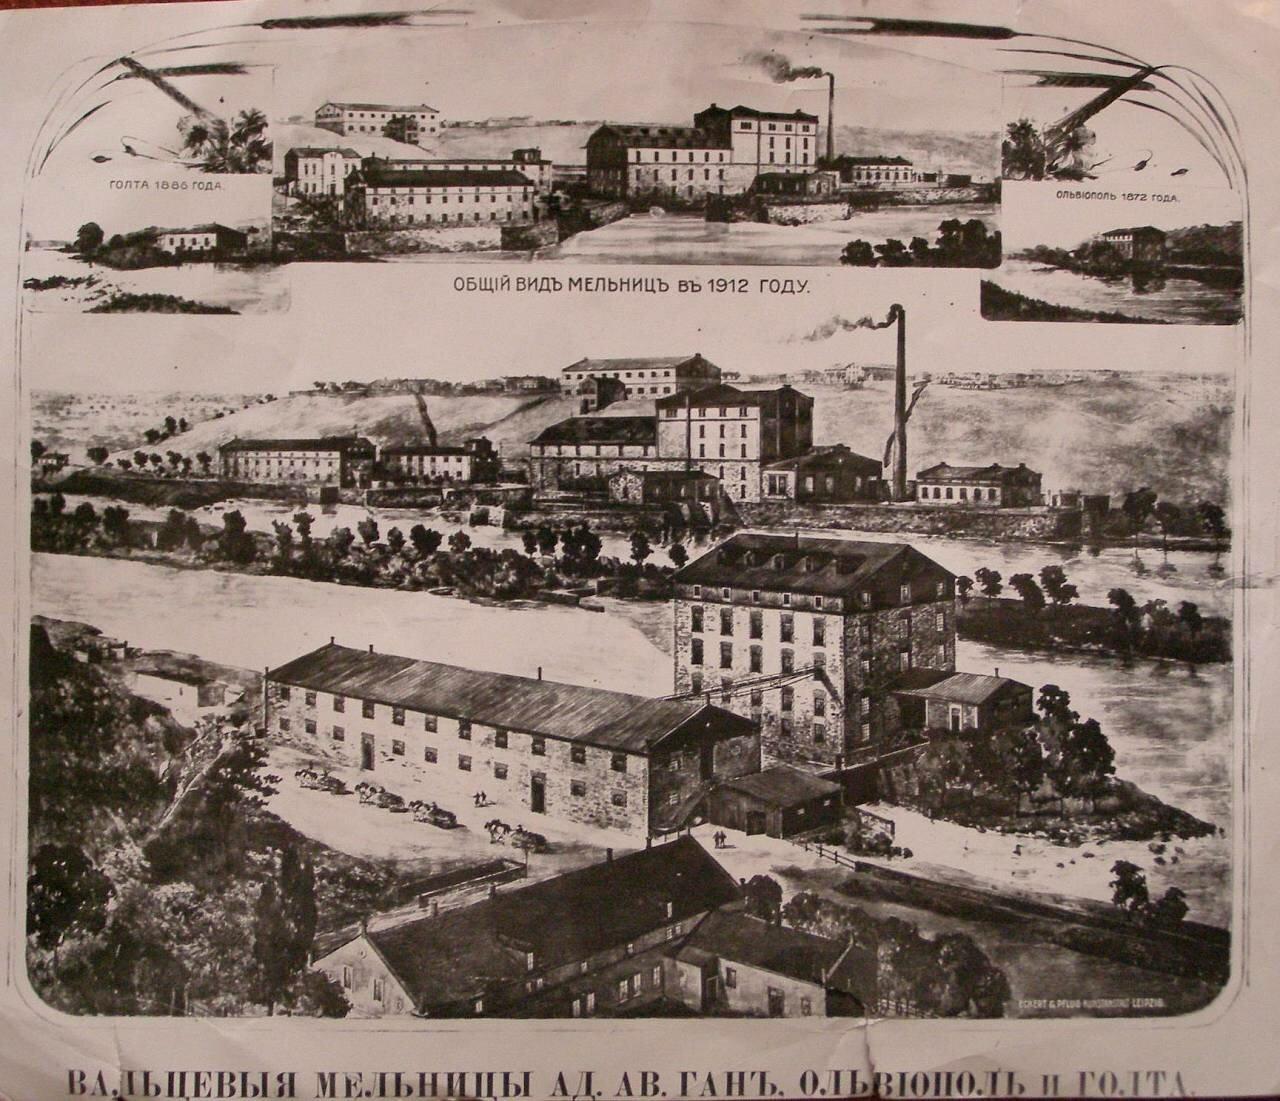 Общий вид мельниц. 1912